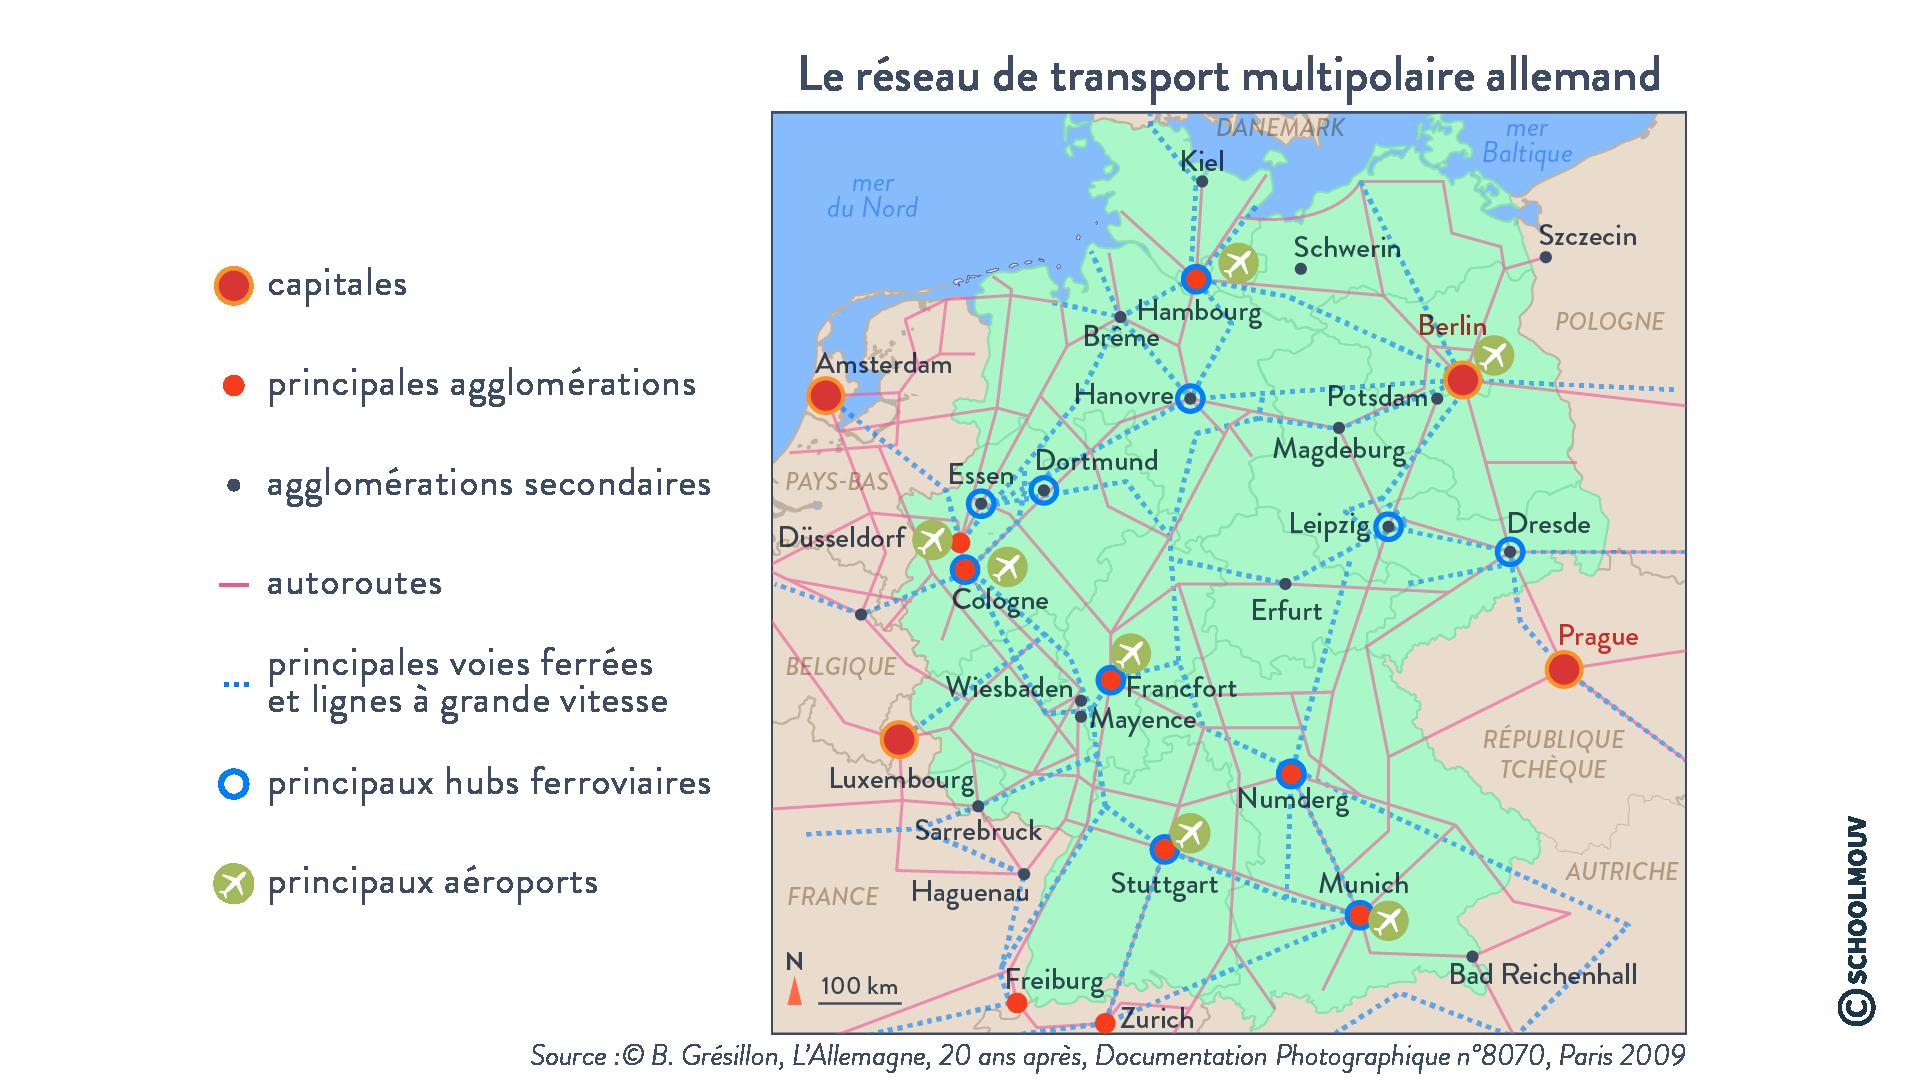 Le réseau de transport multipolaire allemand - Géographie - Terminale - SchoolMouv